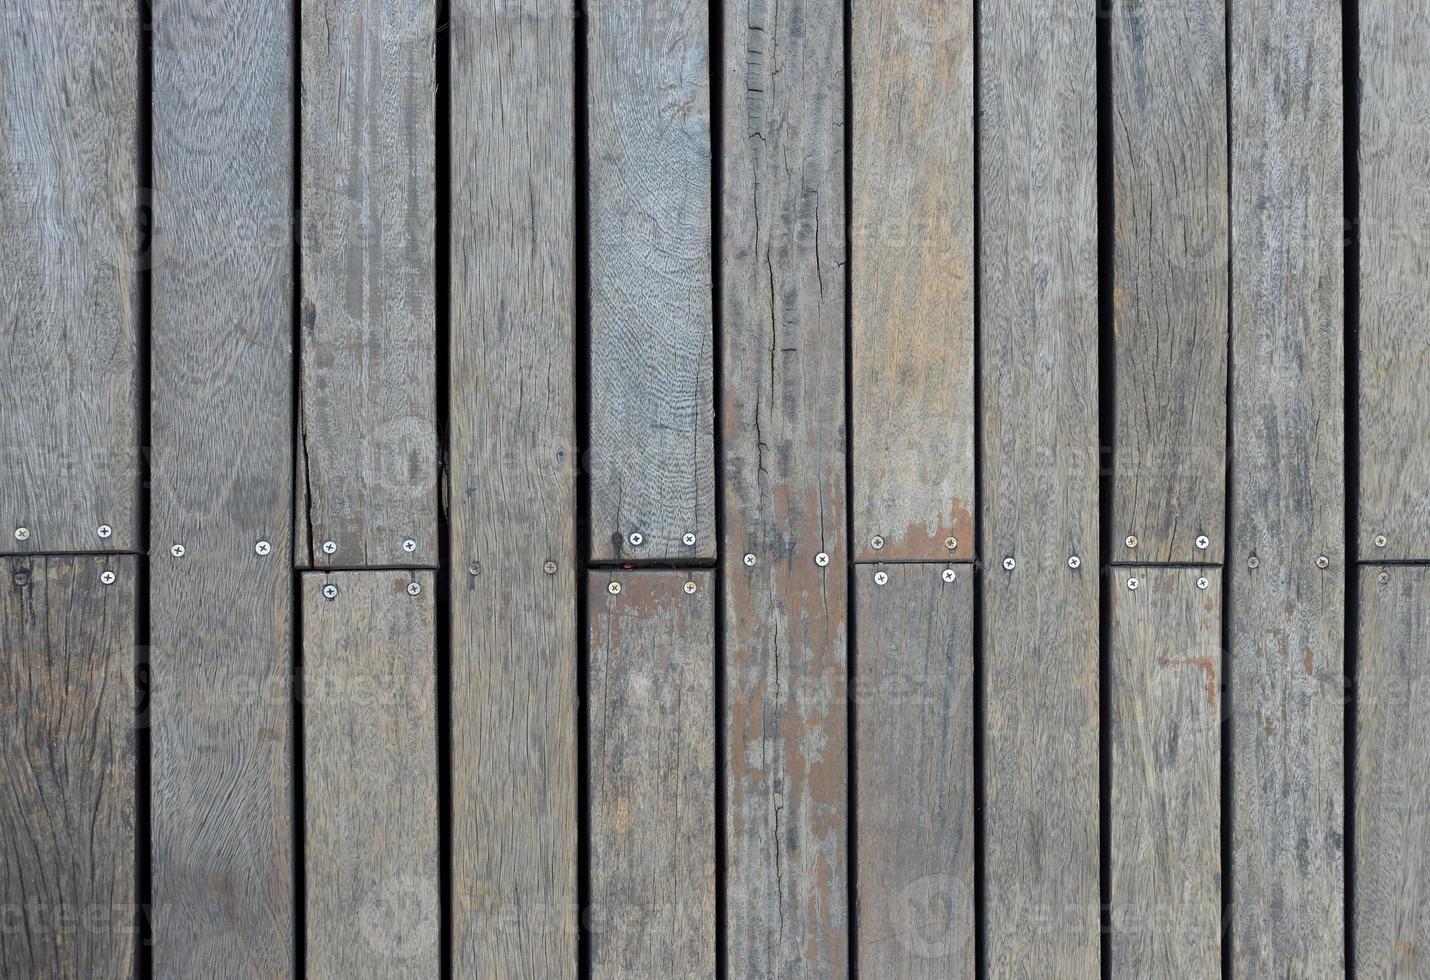 padrão de parede de madeira rústica foto